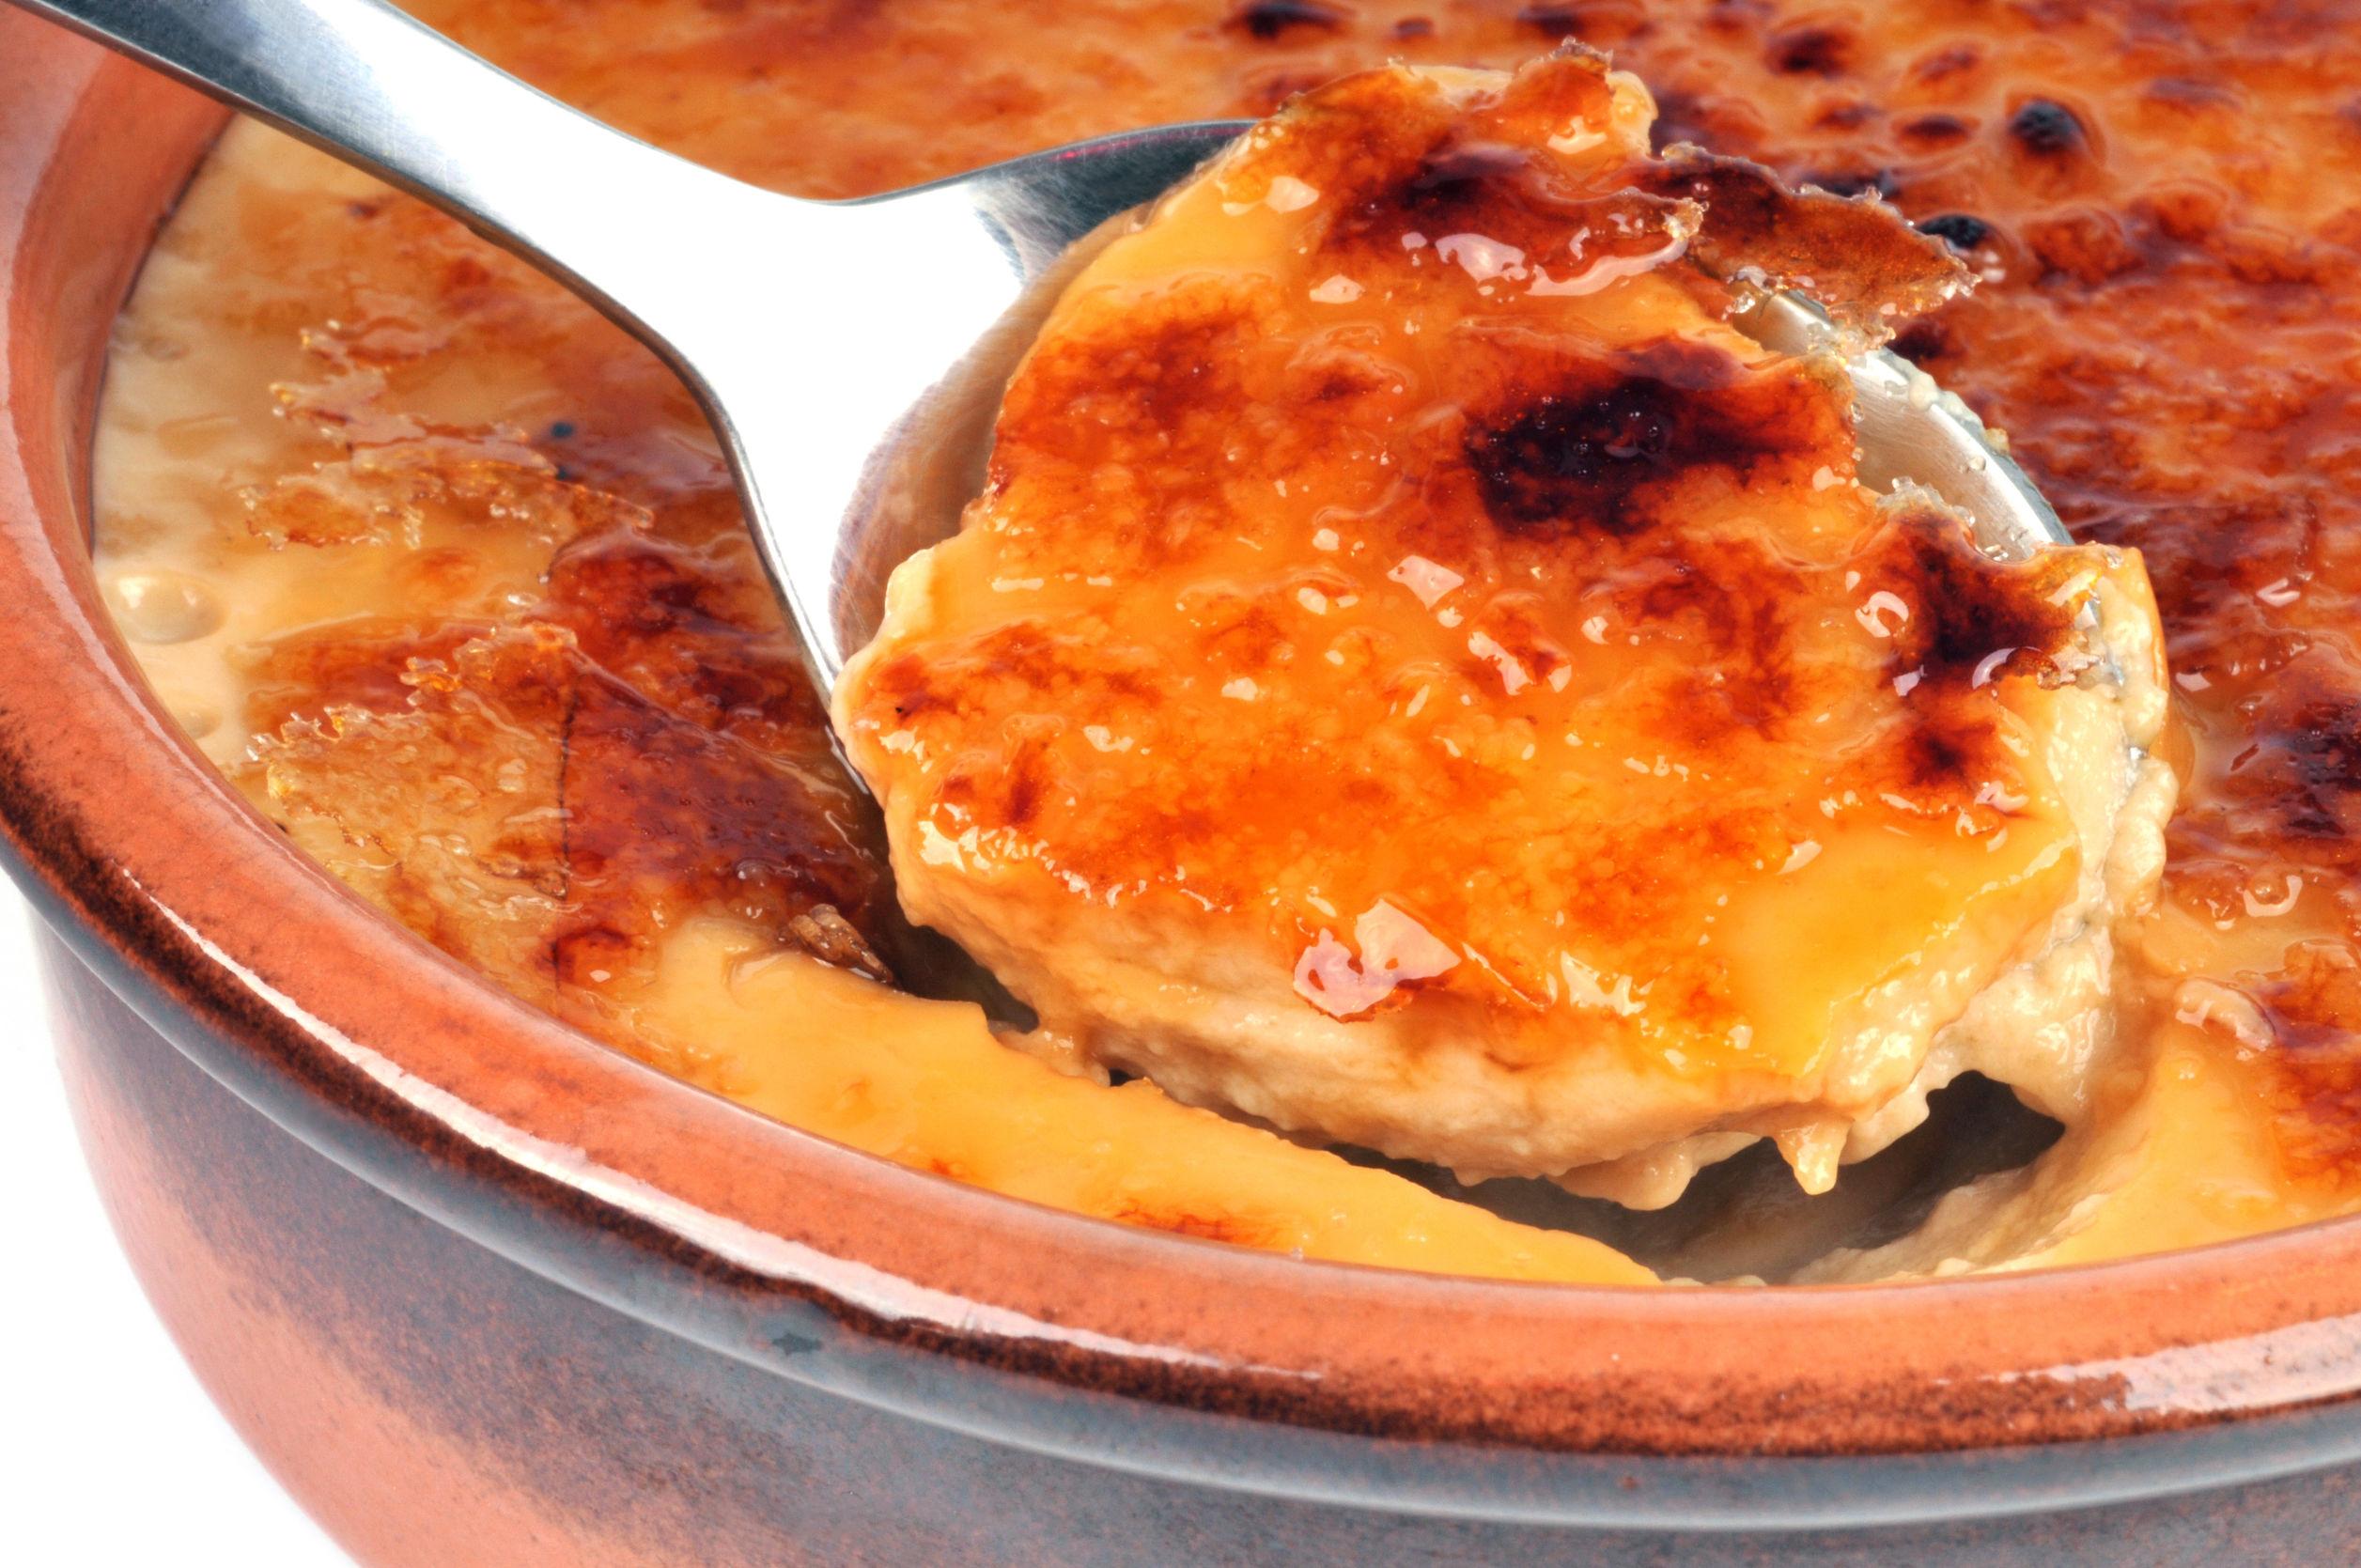 Dintre nenumăratele deserturi care există, tortul de mere cu cremă de zahăr ars se numără printre cele mai delicioase și fine.